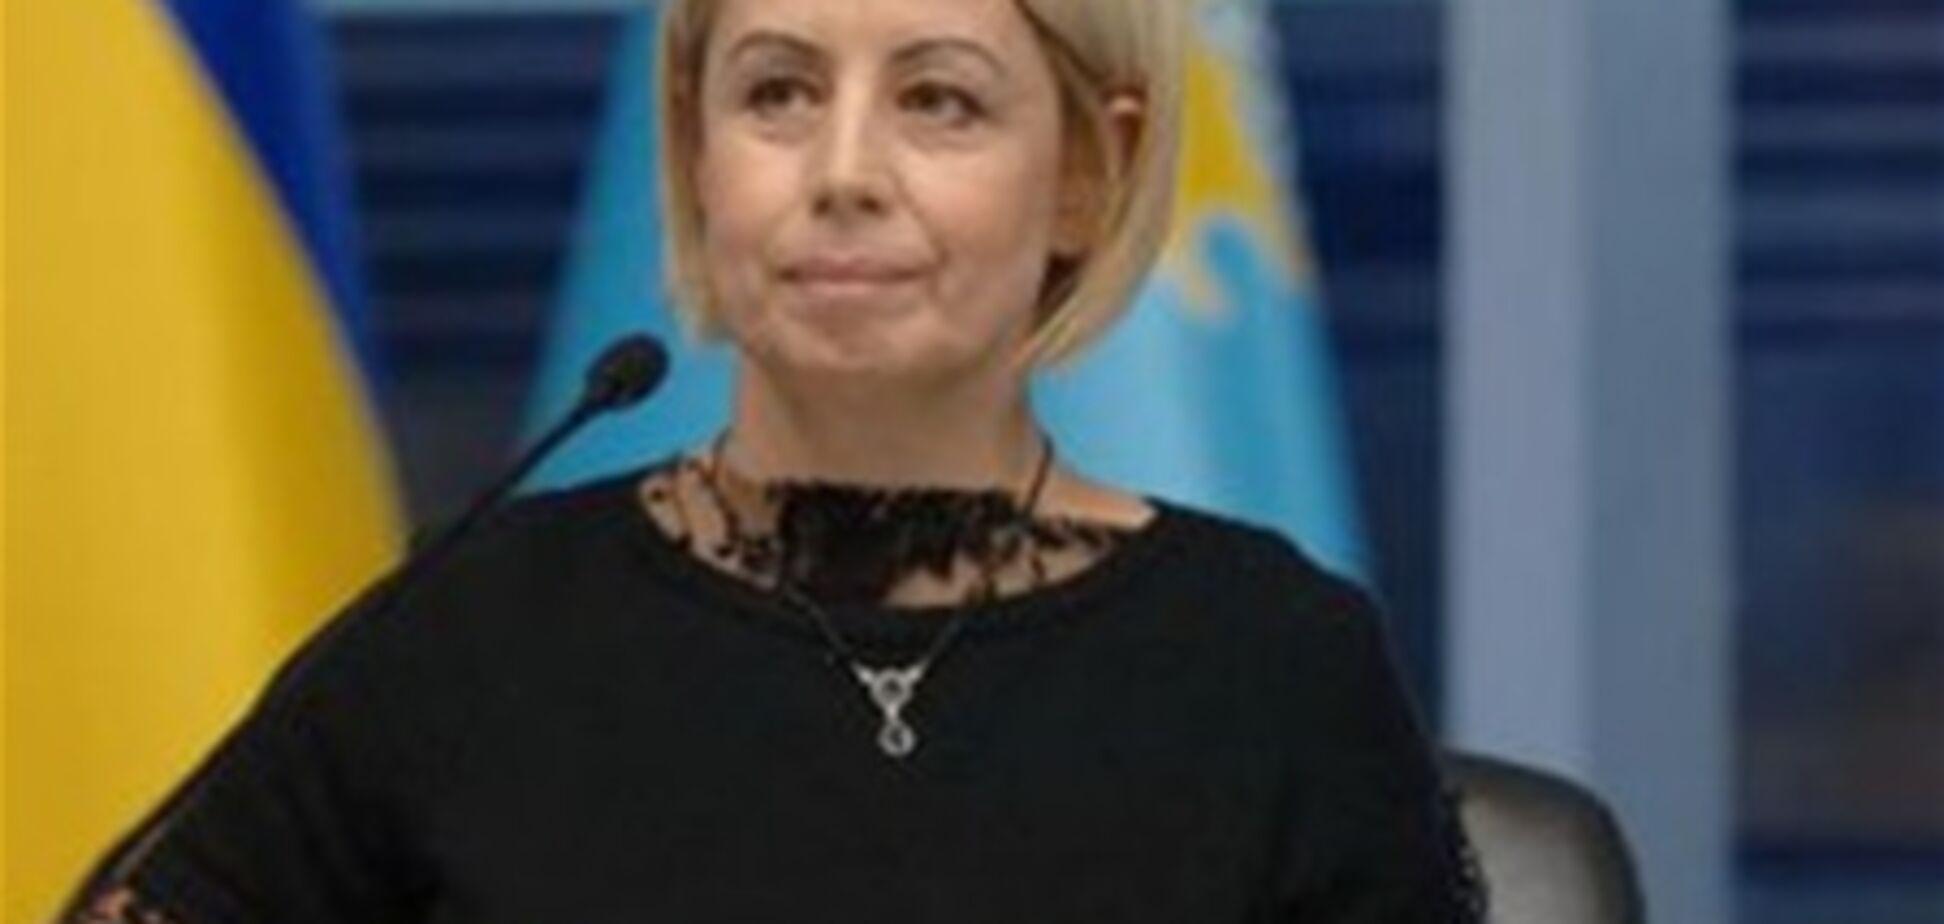 Прокурори отримують пенсію по 37 тис. грн-Герман